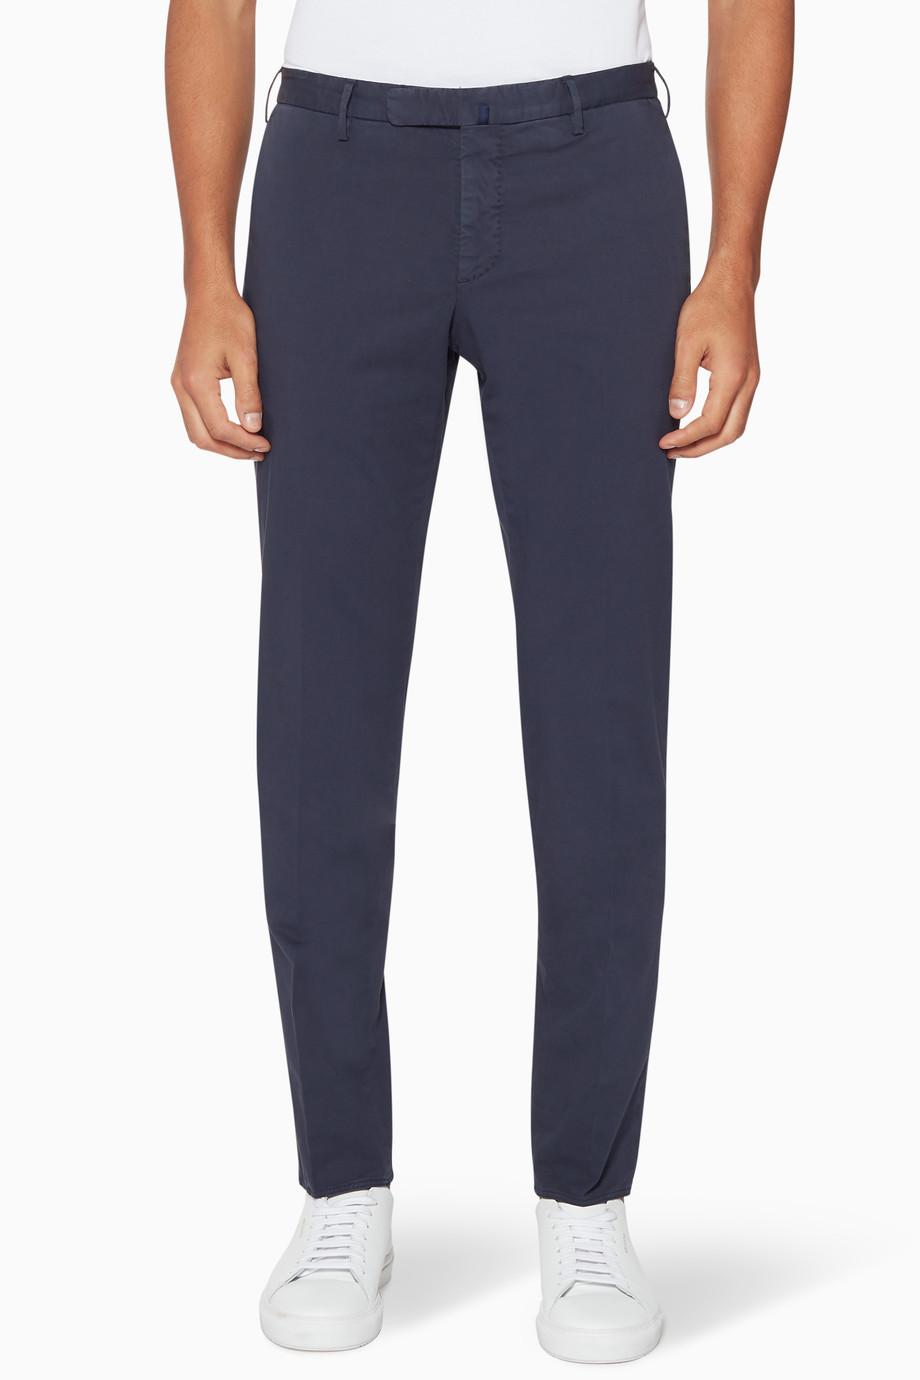 Shop Slowear Blue Navy Royal Batavia 1951 Incotex Pants For Men